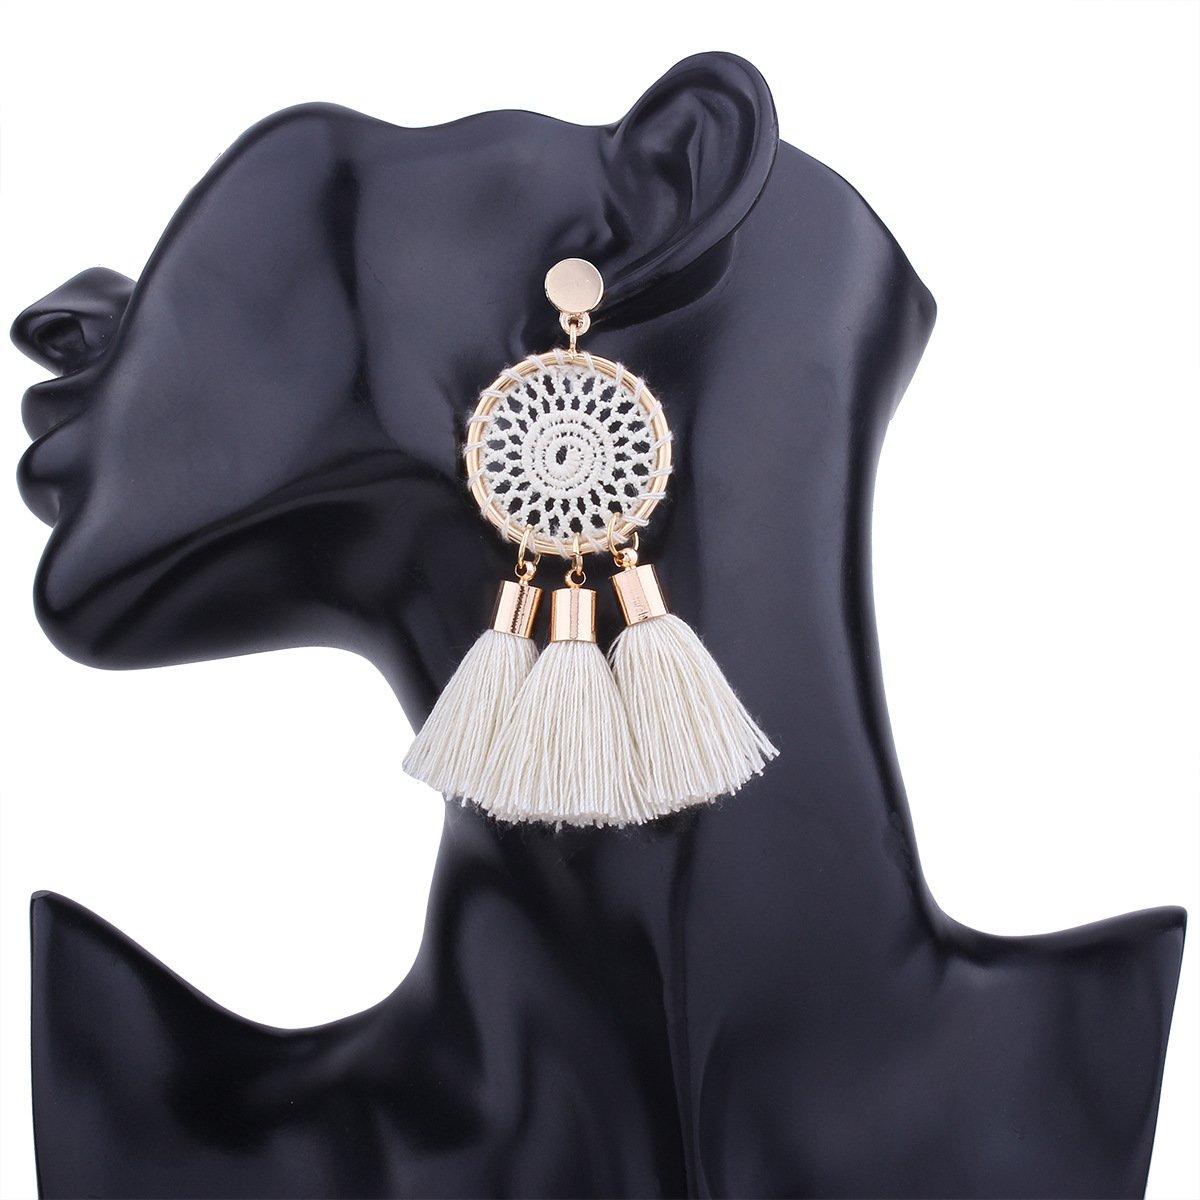 Tassel Earrings White Long Bohemian Geometric Dangle Earrings for Women by FEDNON (Image #4)